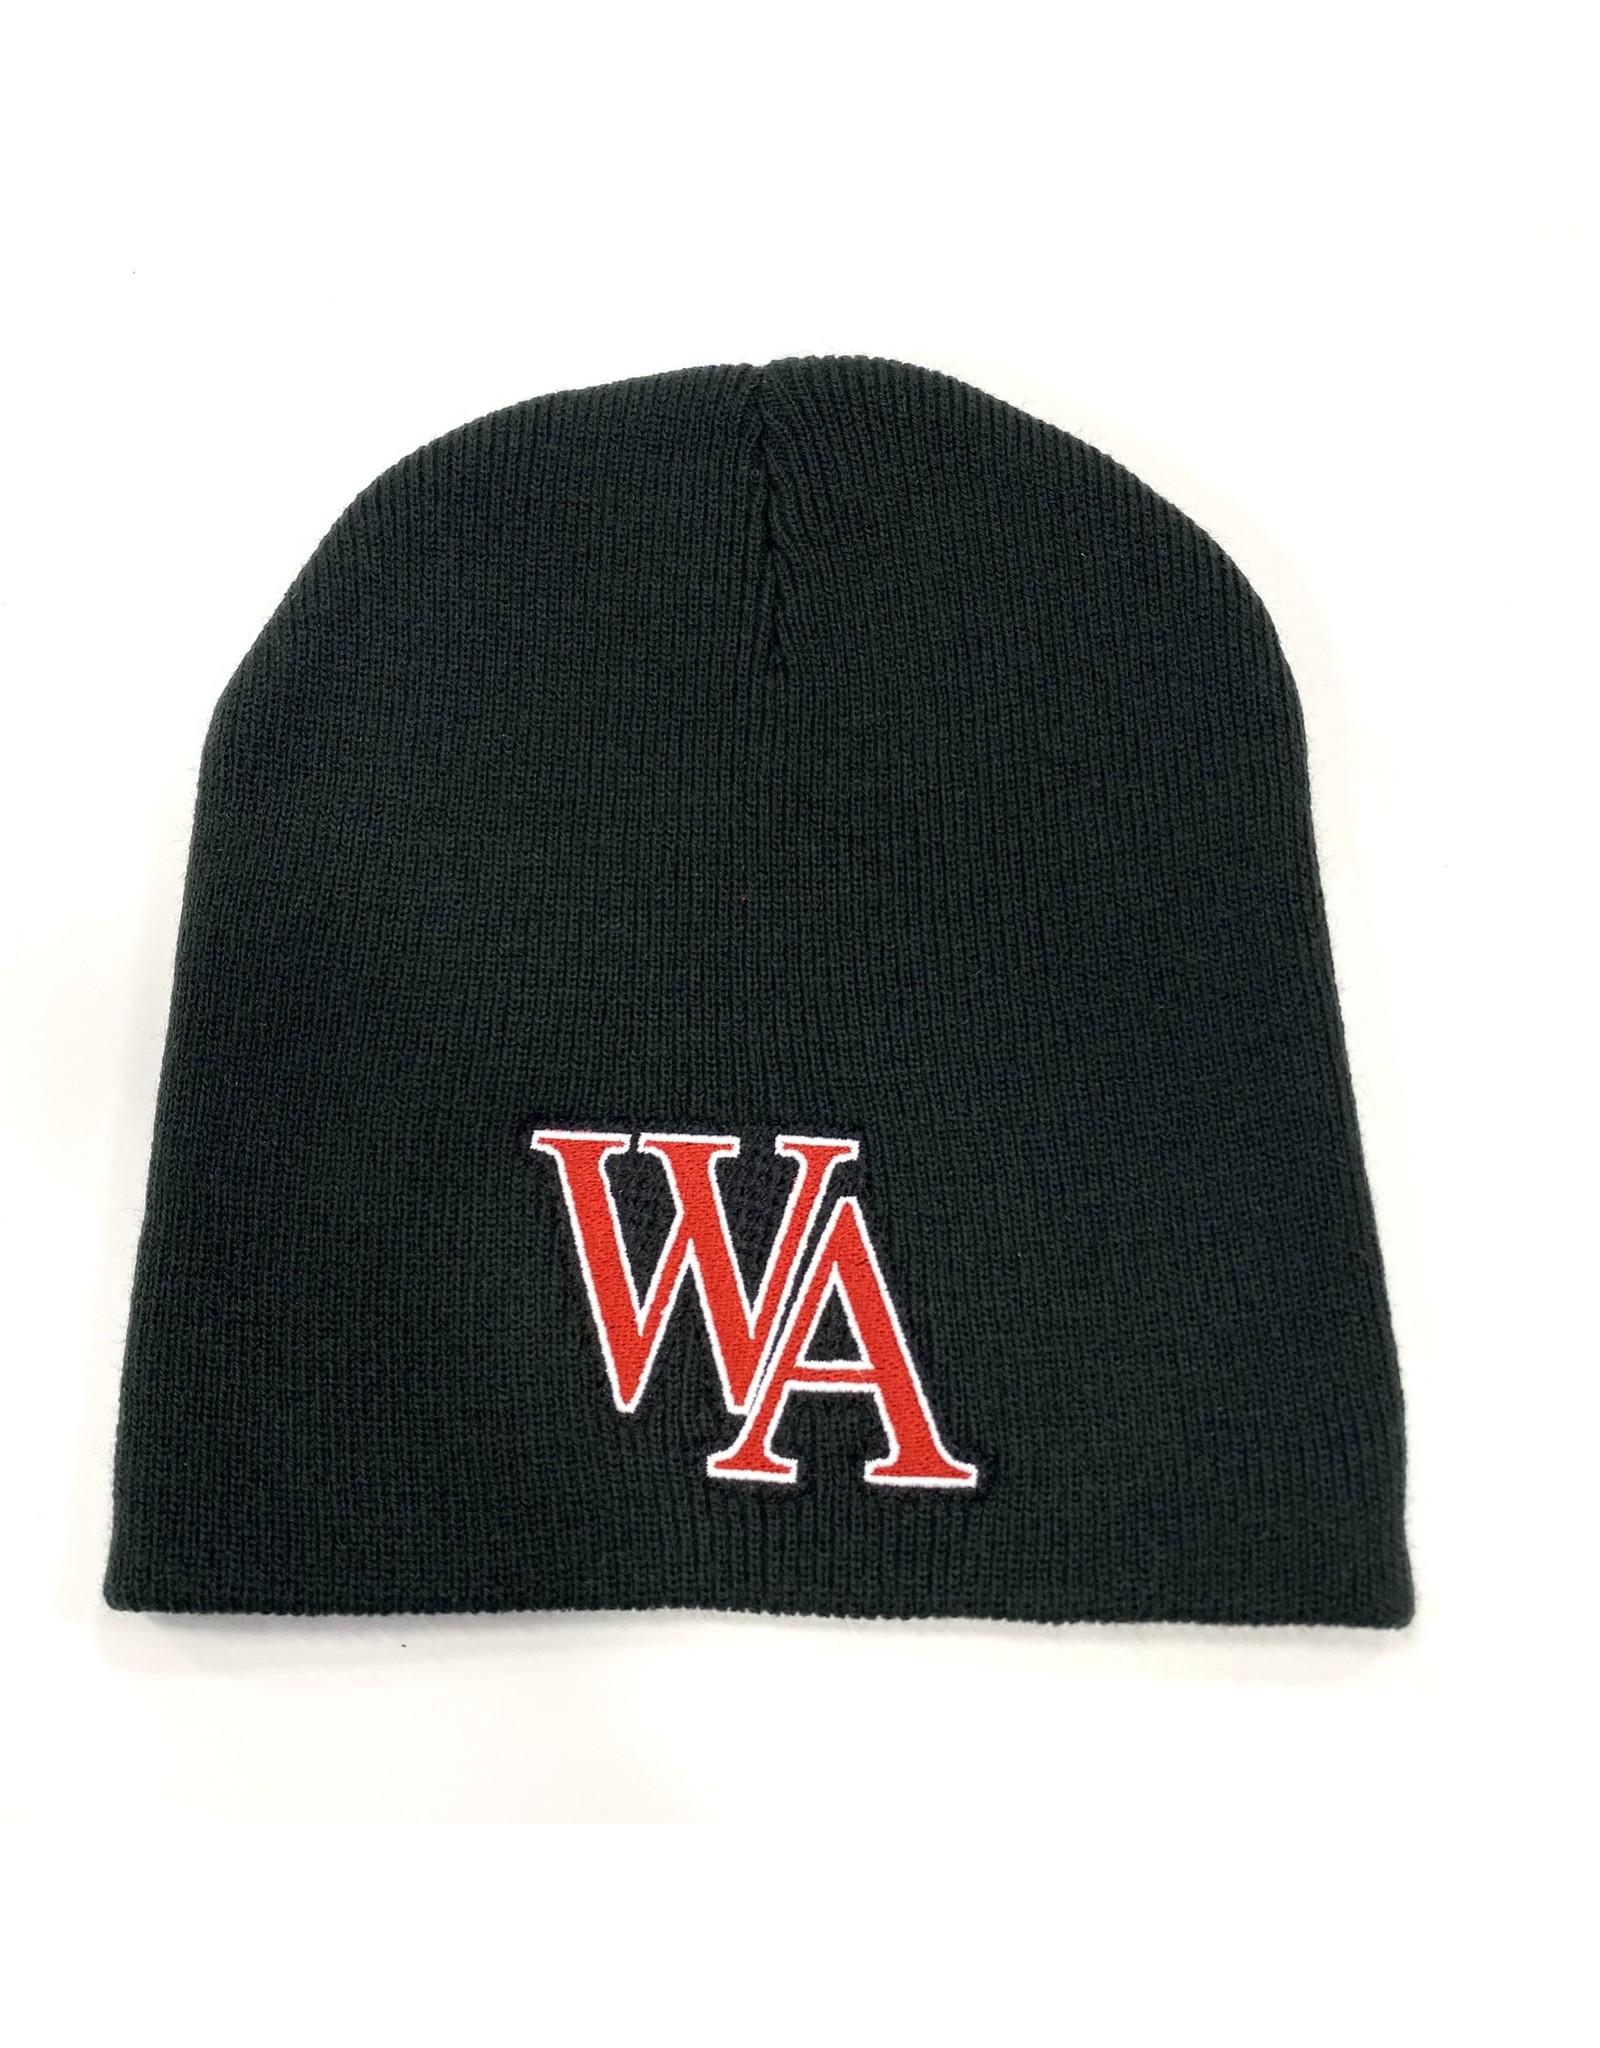 CAP Skull Cap in Black